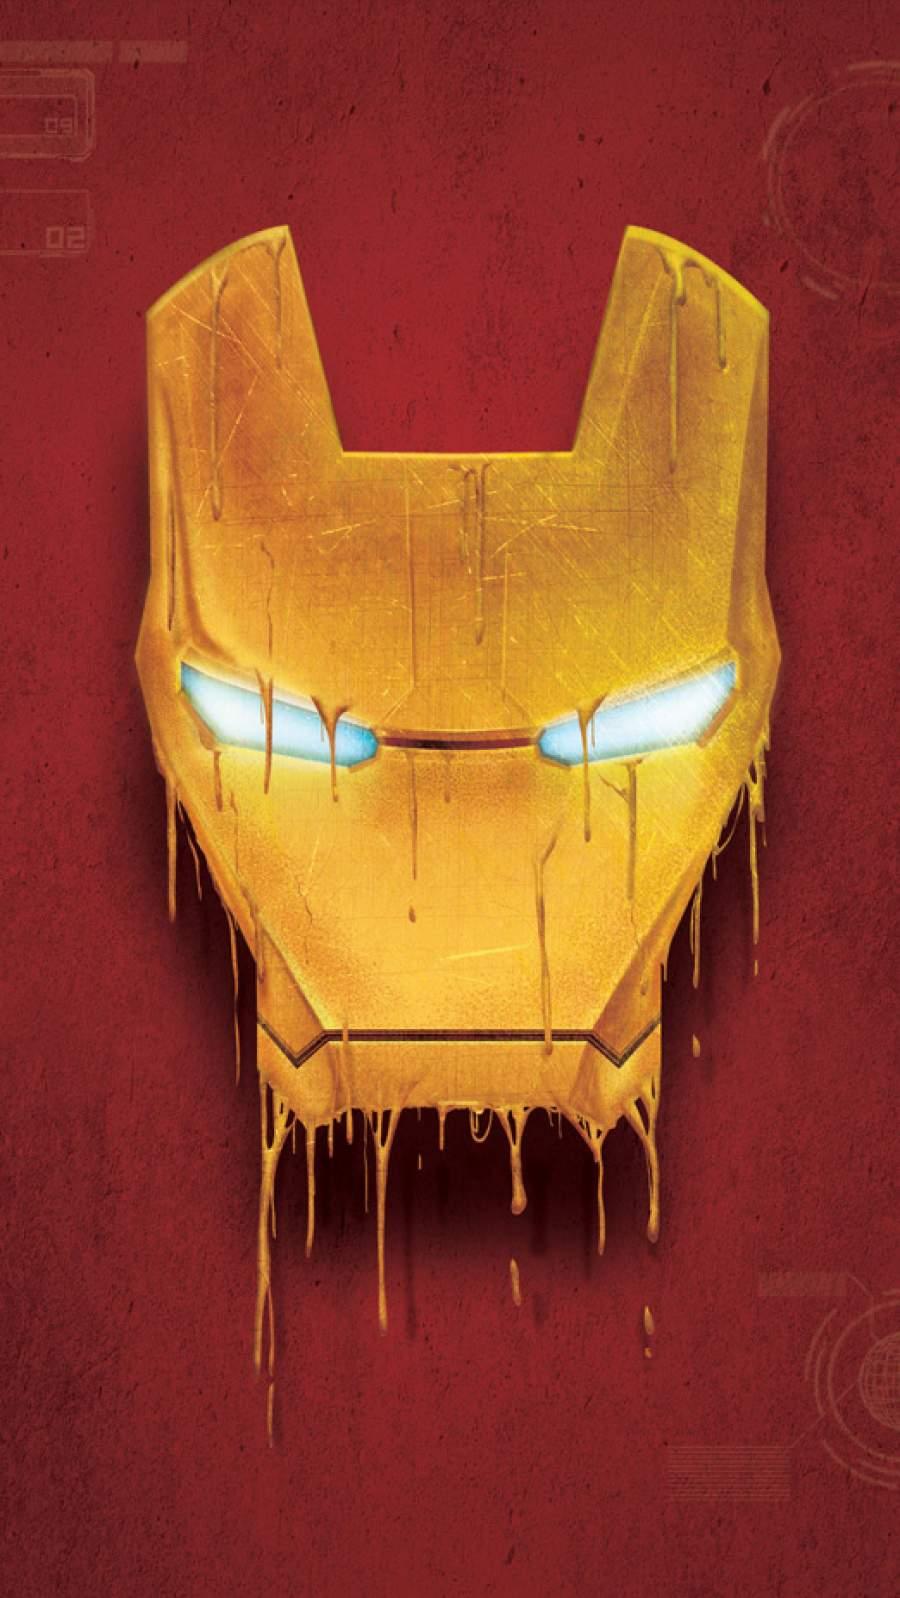 Iron Man Mask Melting iPhone Wallpaper